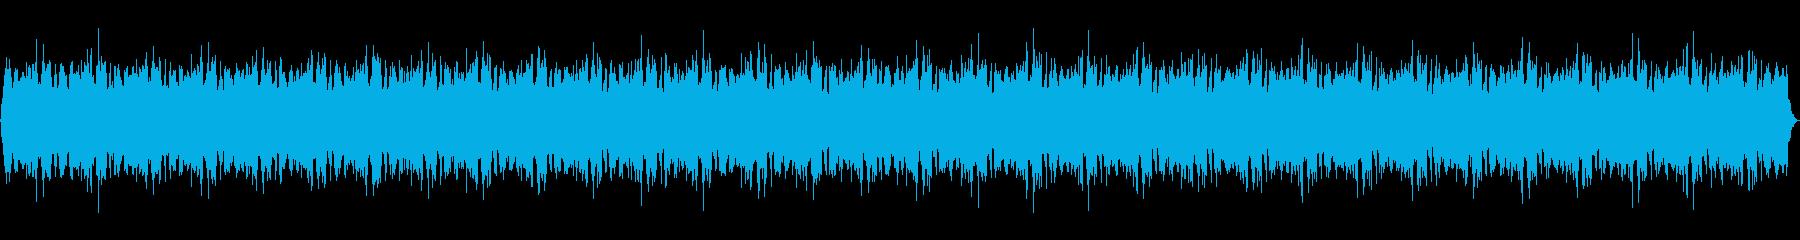 声入り、神秘的スピリチュアルミュージックの再生済みの波形